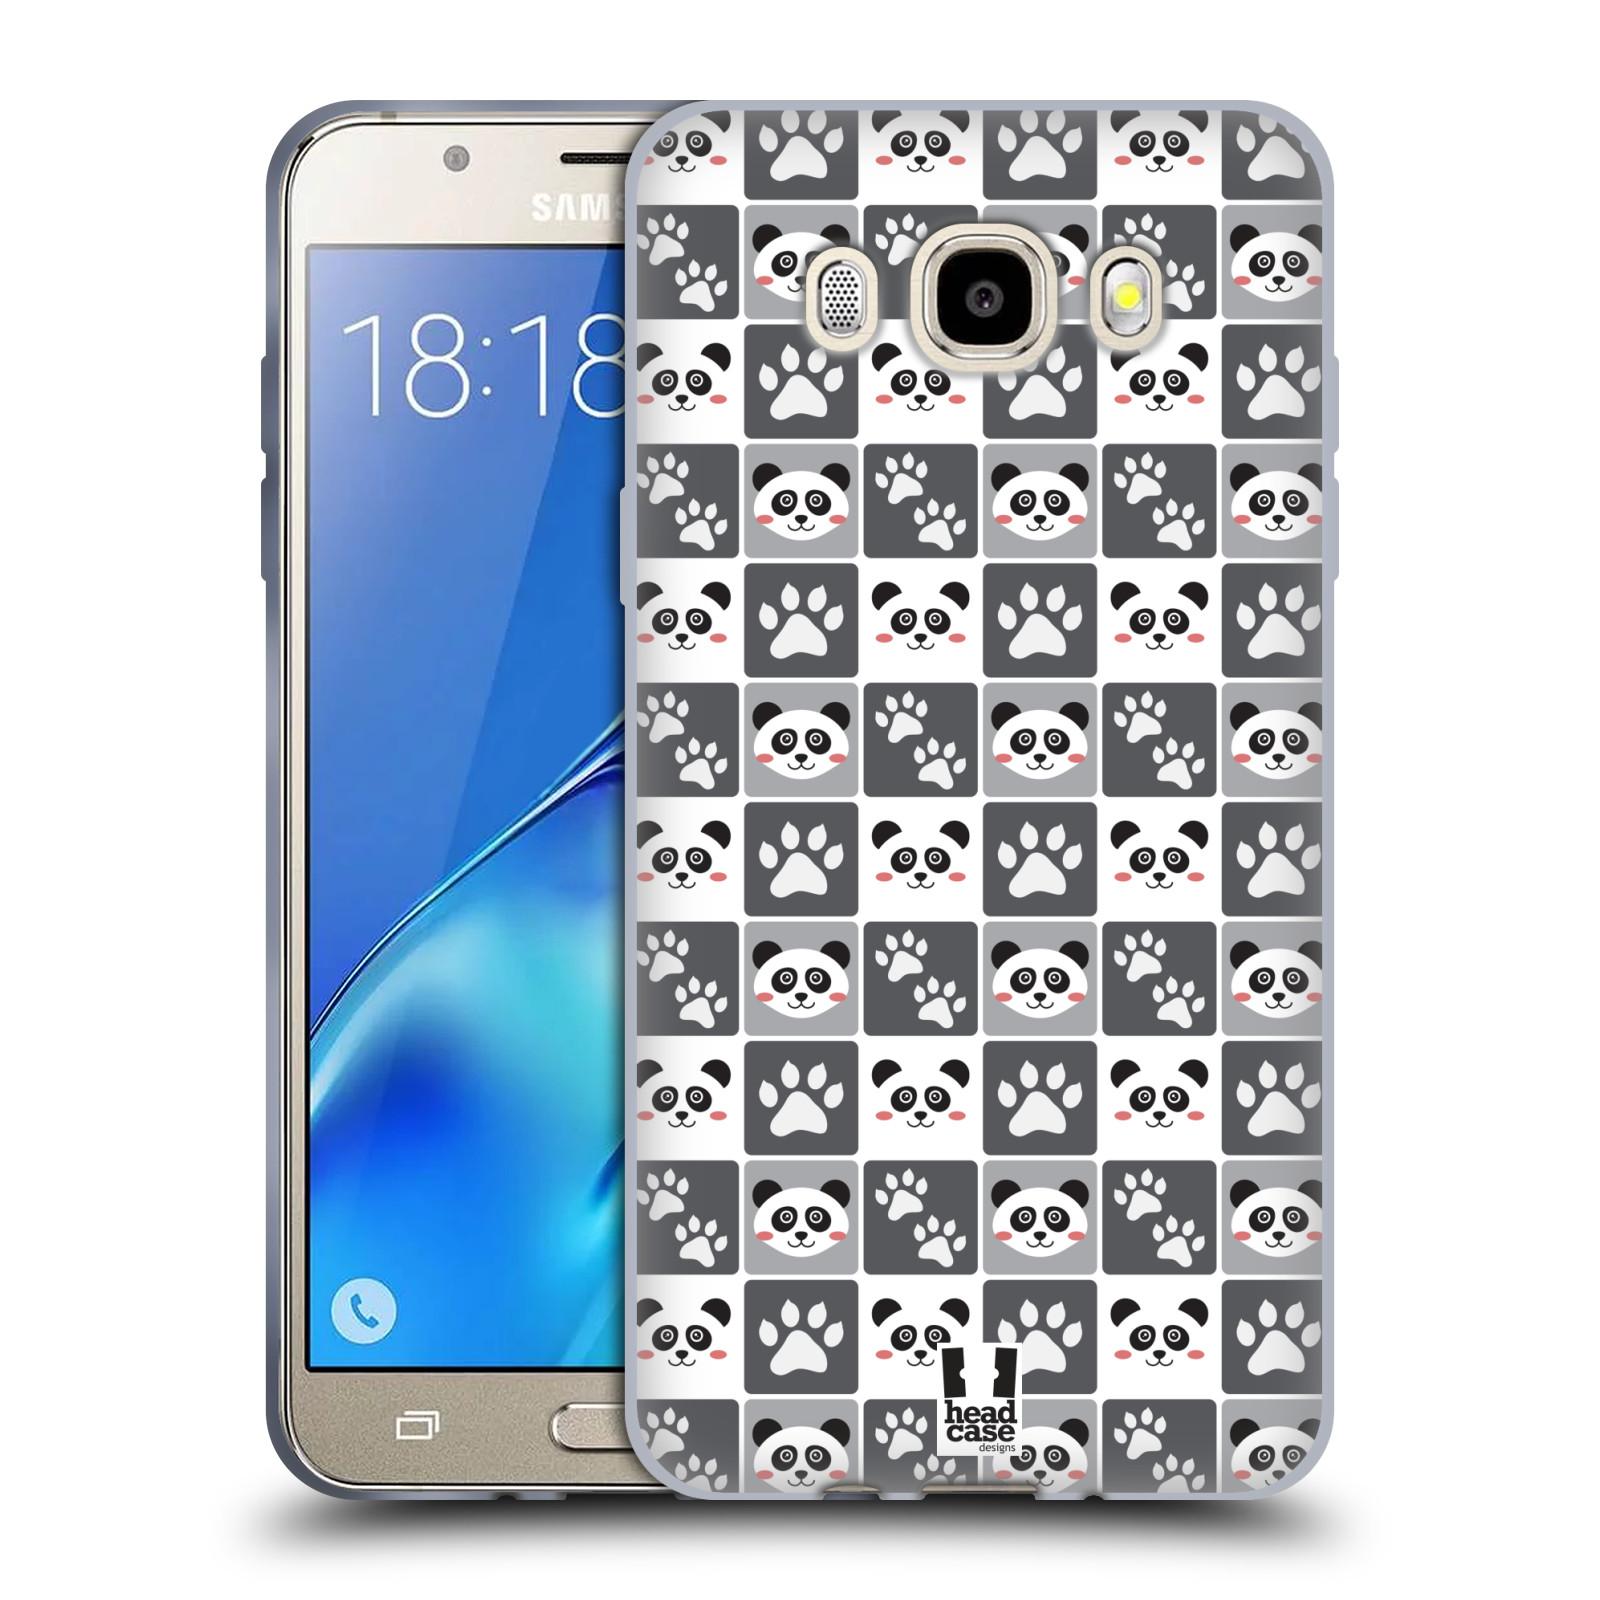 HEAD CASE silikonový obal, kryt na mobil Samsung Galaxy J5 2016, J510, J510F, (J510F DUAL SIM) vzor Zvířecí razítka MEDVÍDEK PANDA